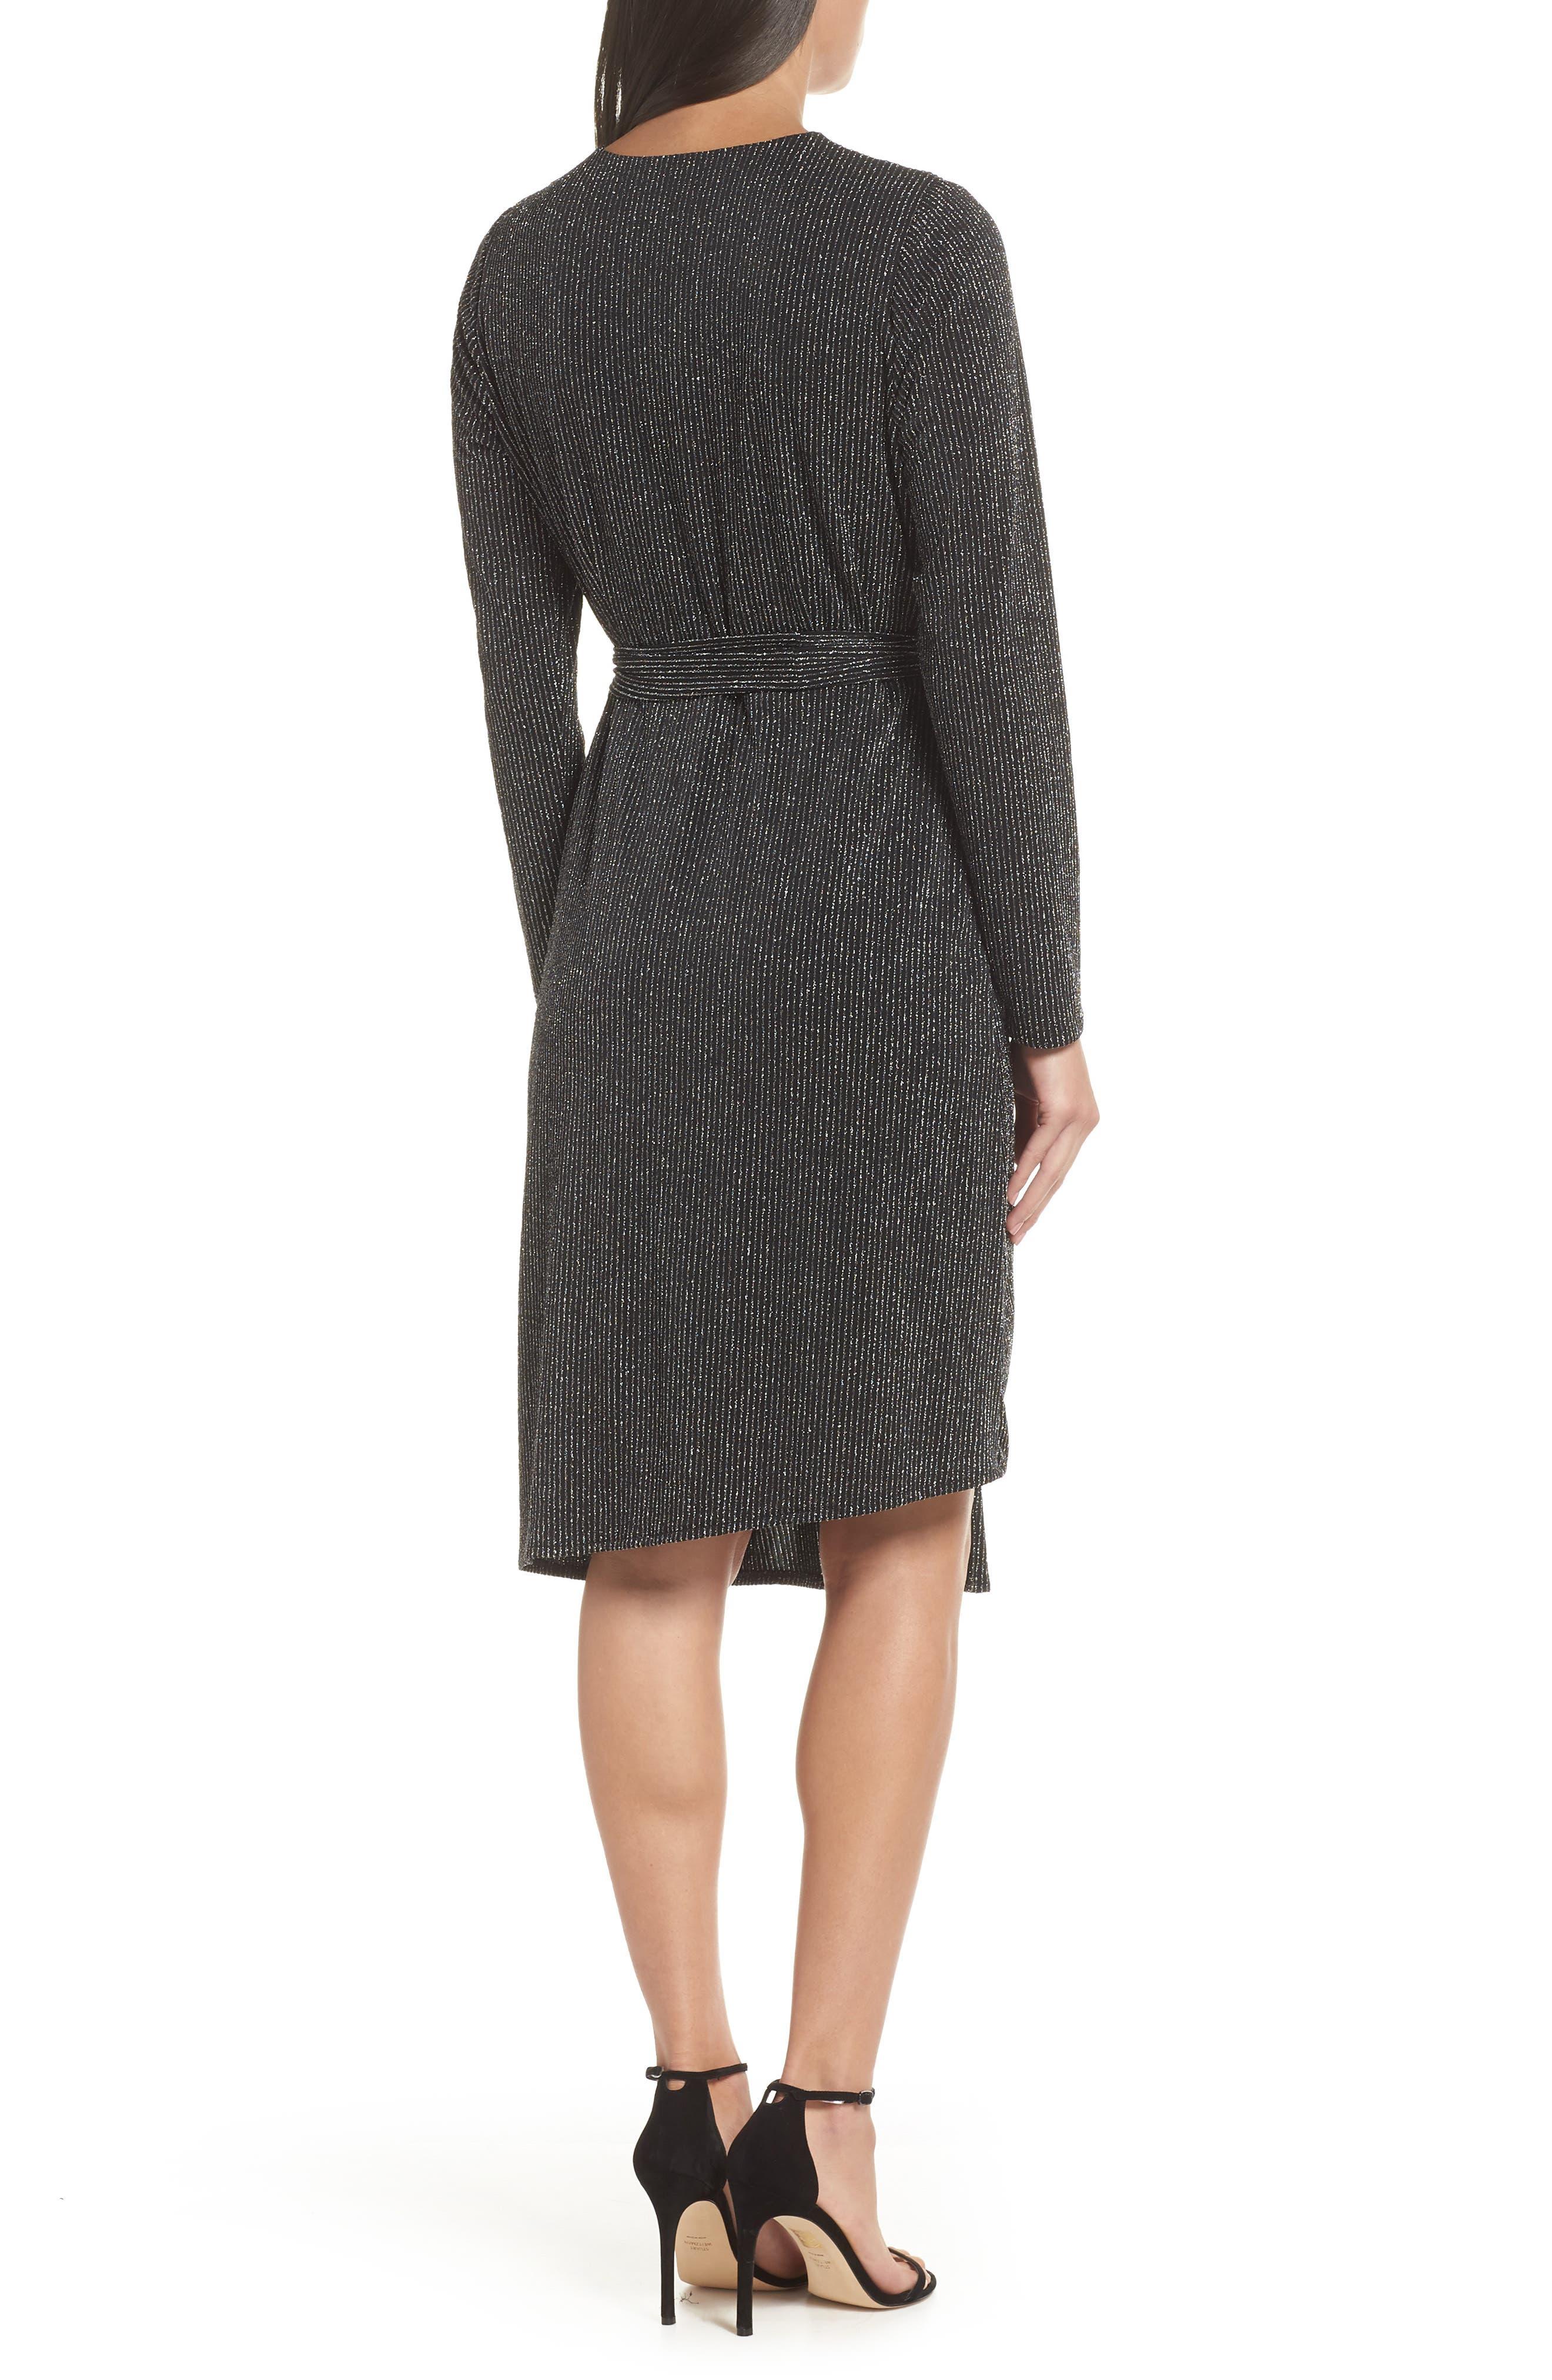 SAM EDELMAN,                             Metallic Faux Wrap Knit Dress,                             Alternate thumbnail 2, color,                             SILVER METALLIC